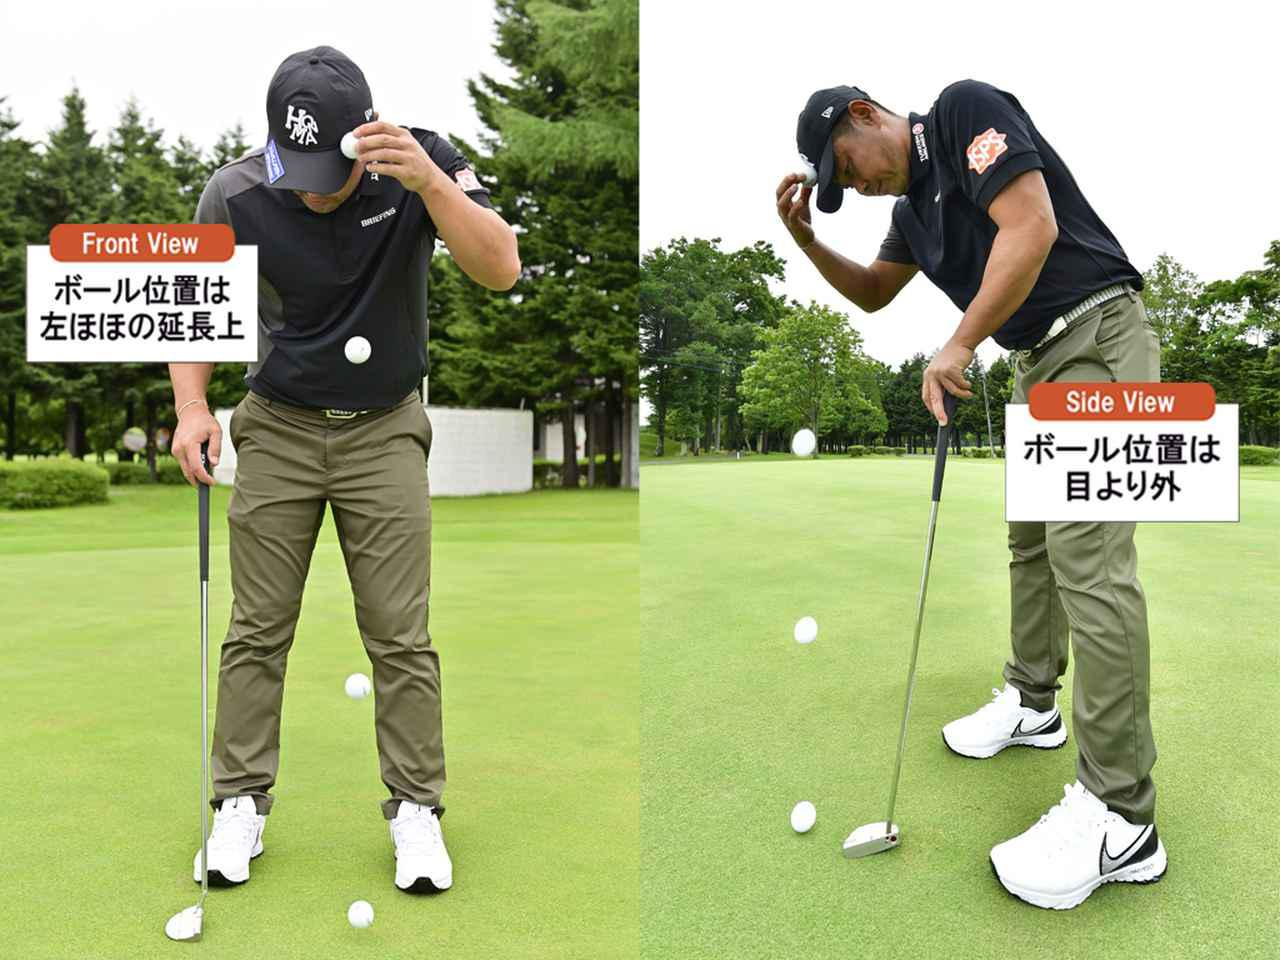 画像: パット時にアドレスして、自分のボール位置が顔のどの部分の真下になっているか確認してみてほしい。谷 原によれば「名手ほどボールは目より外」だとか